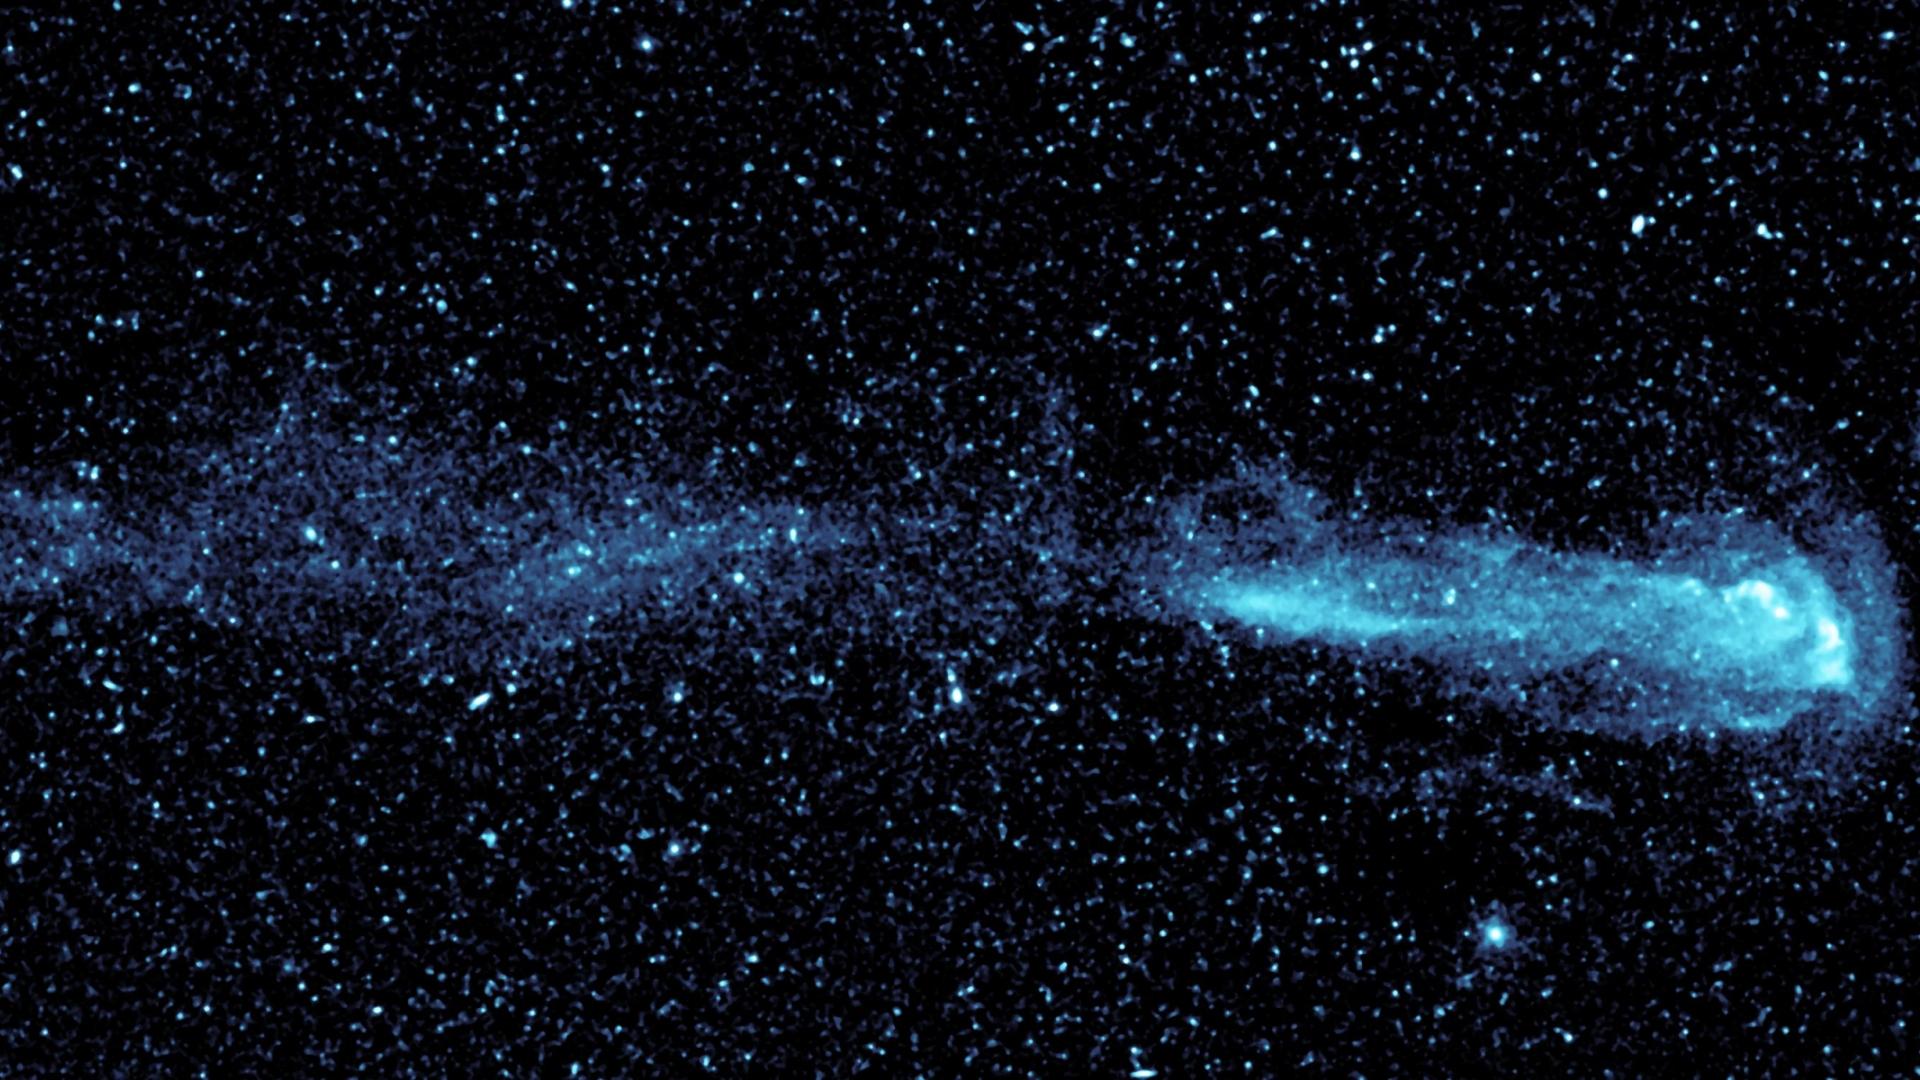 Stars wallpaper 1920x1080 40371 1920x1080